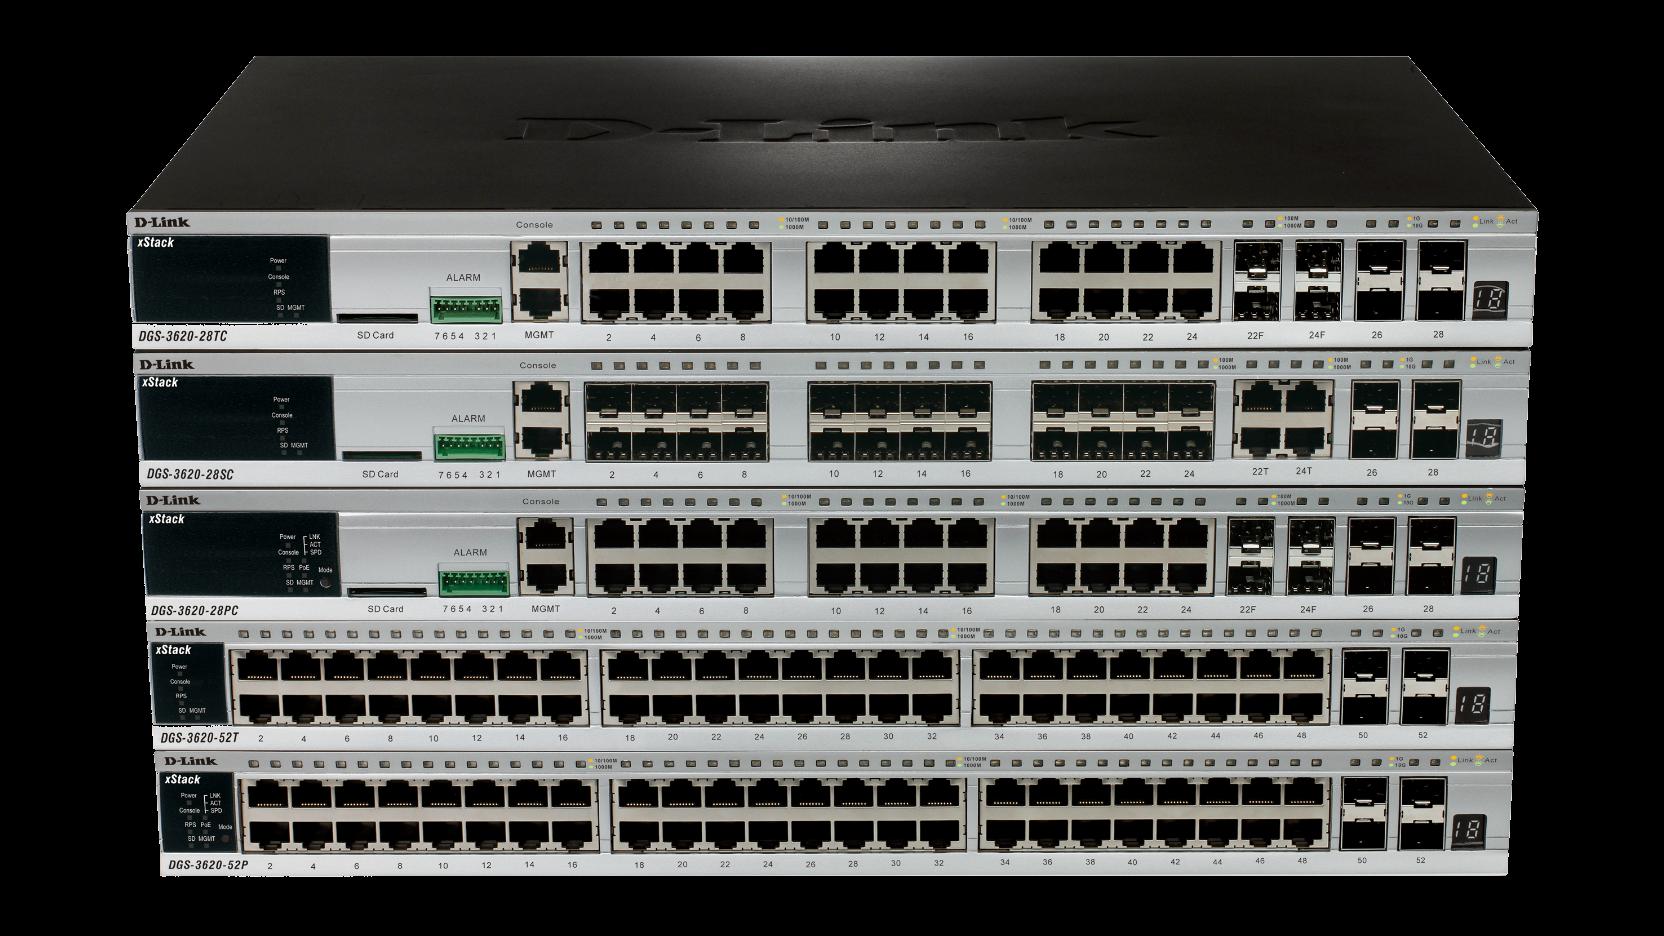 D-Link DGS-3620-28SC-SI L3 Gigabit Switch Drivers for Windows XP